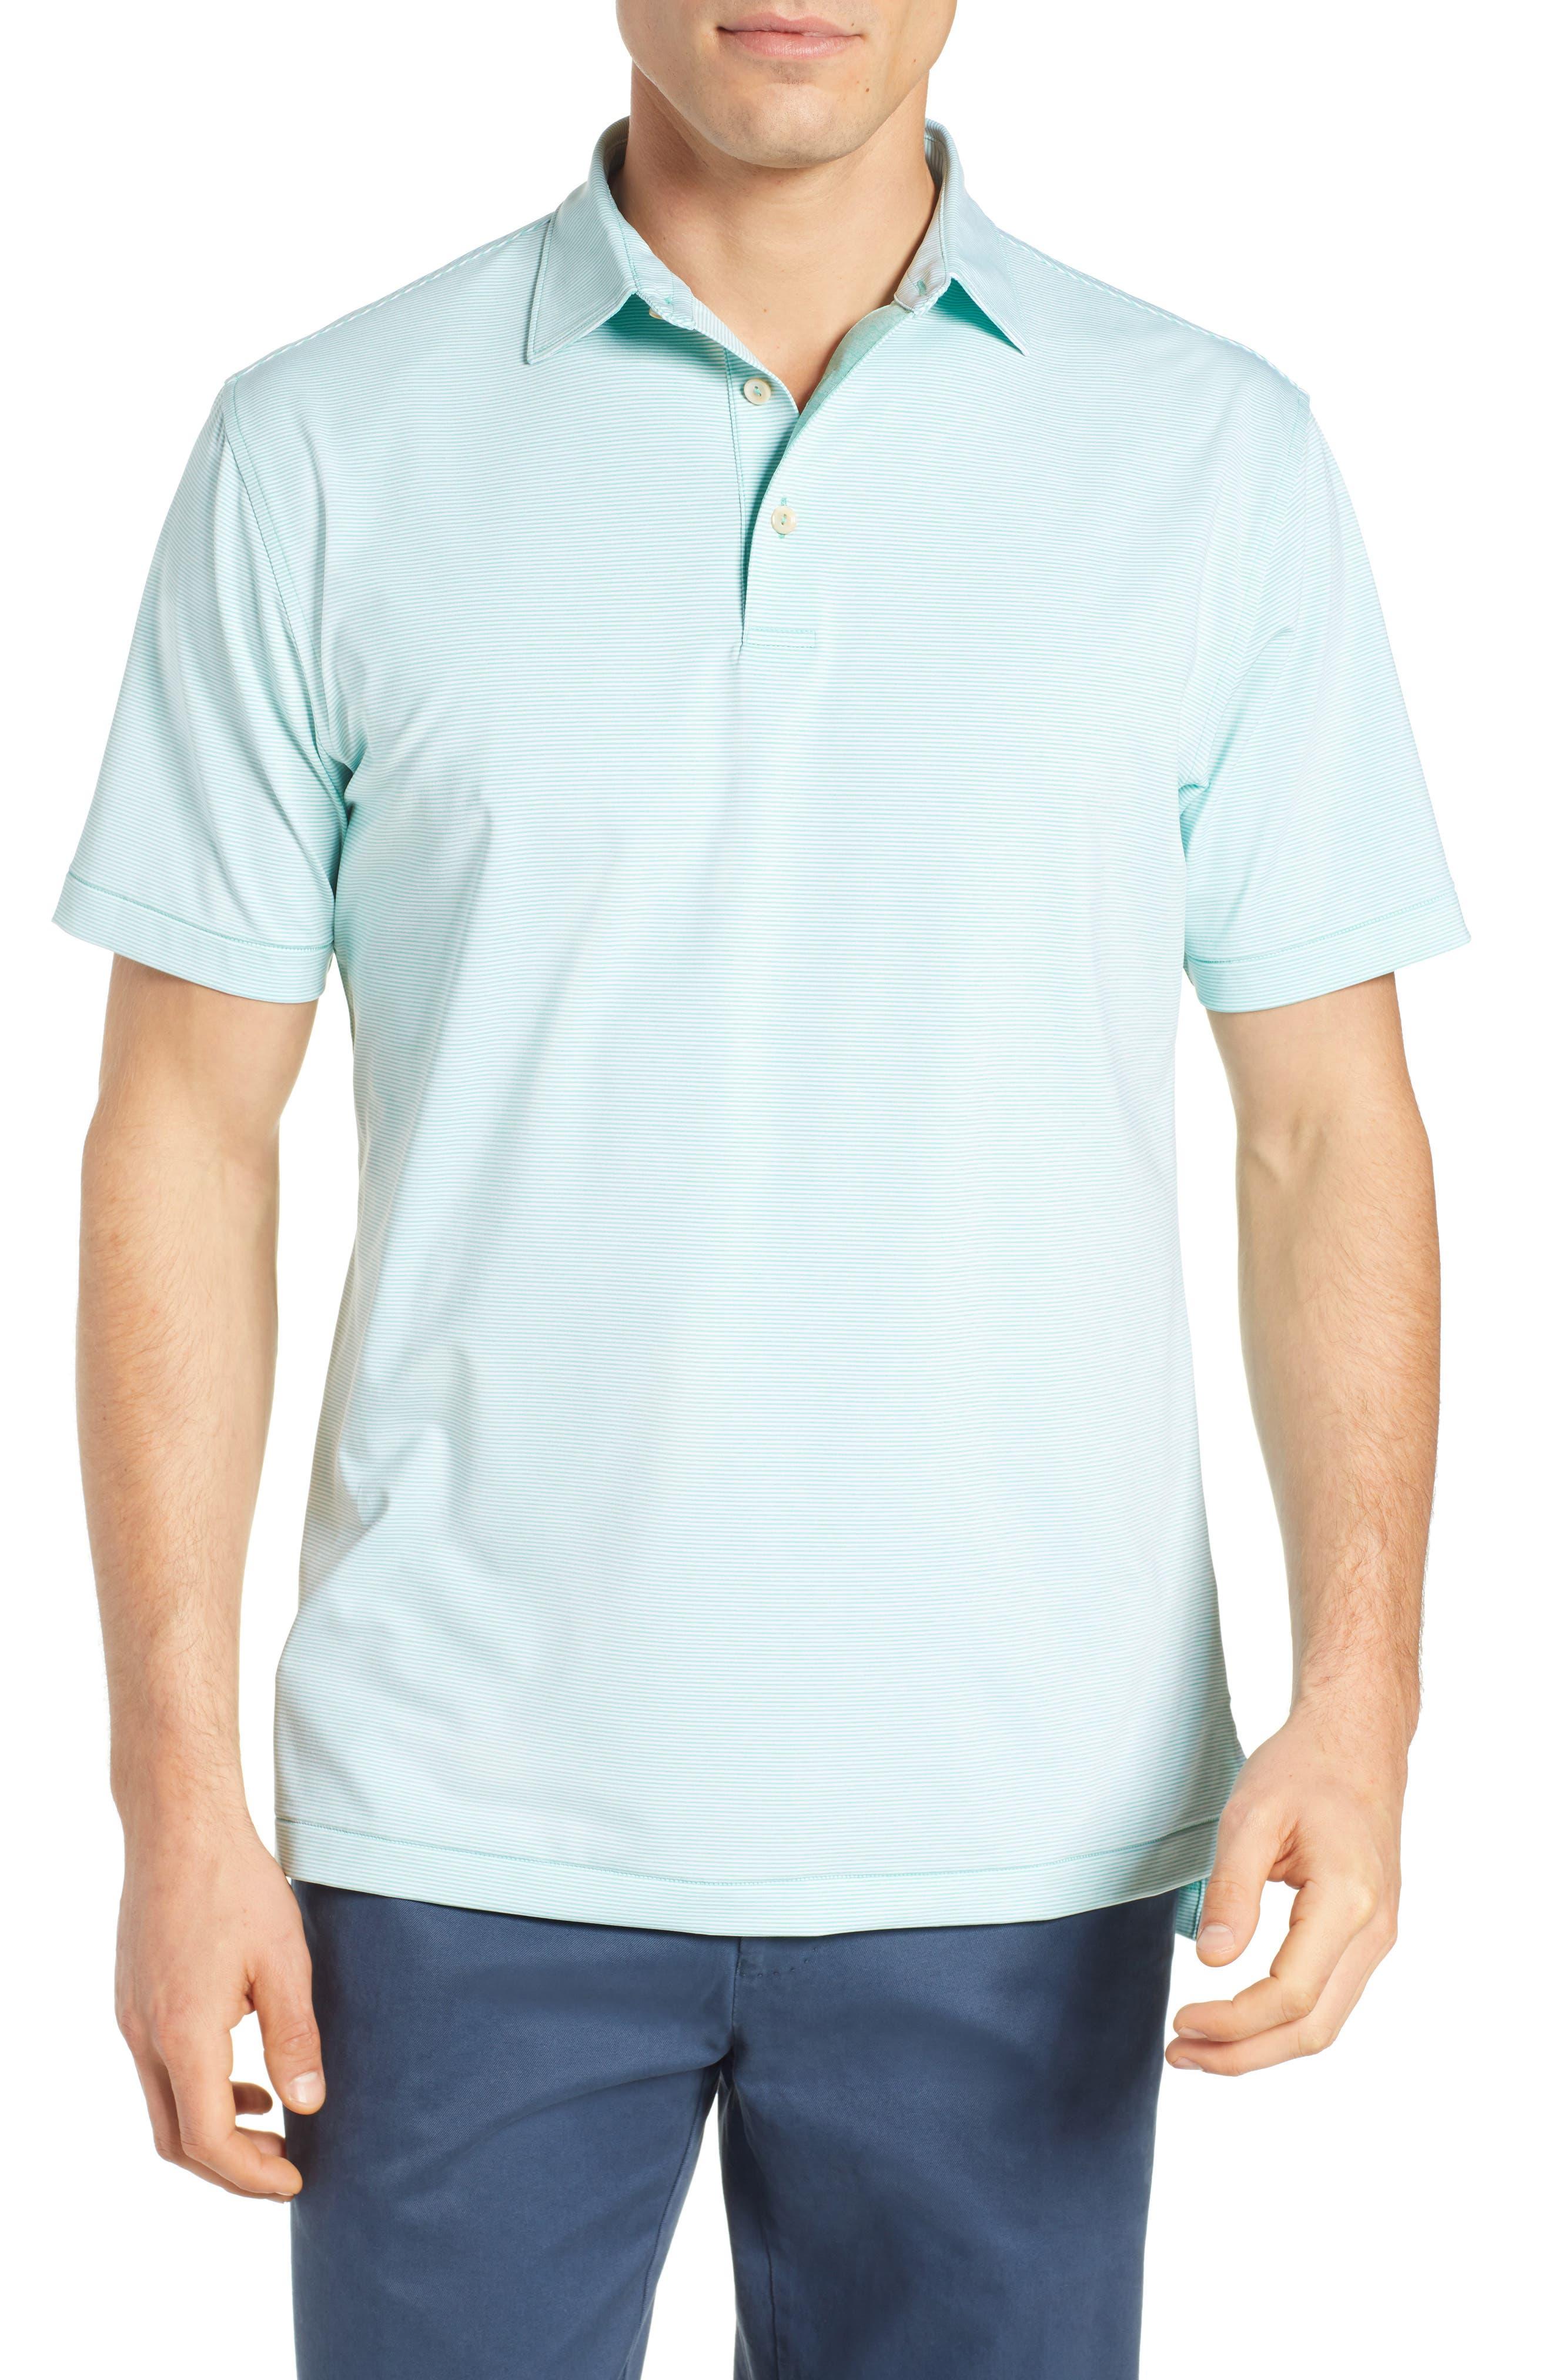 PETER MILLAR Jubilee Stripe Jersey Polo, Main, color, MEADOW